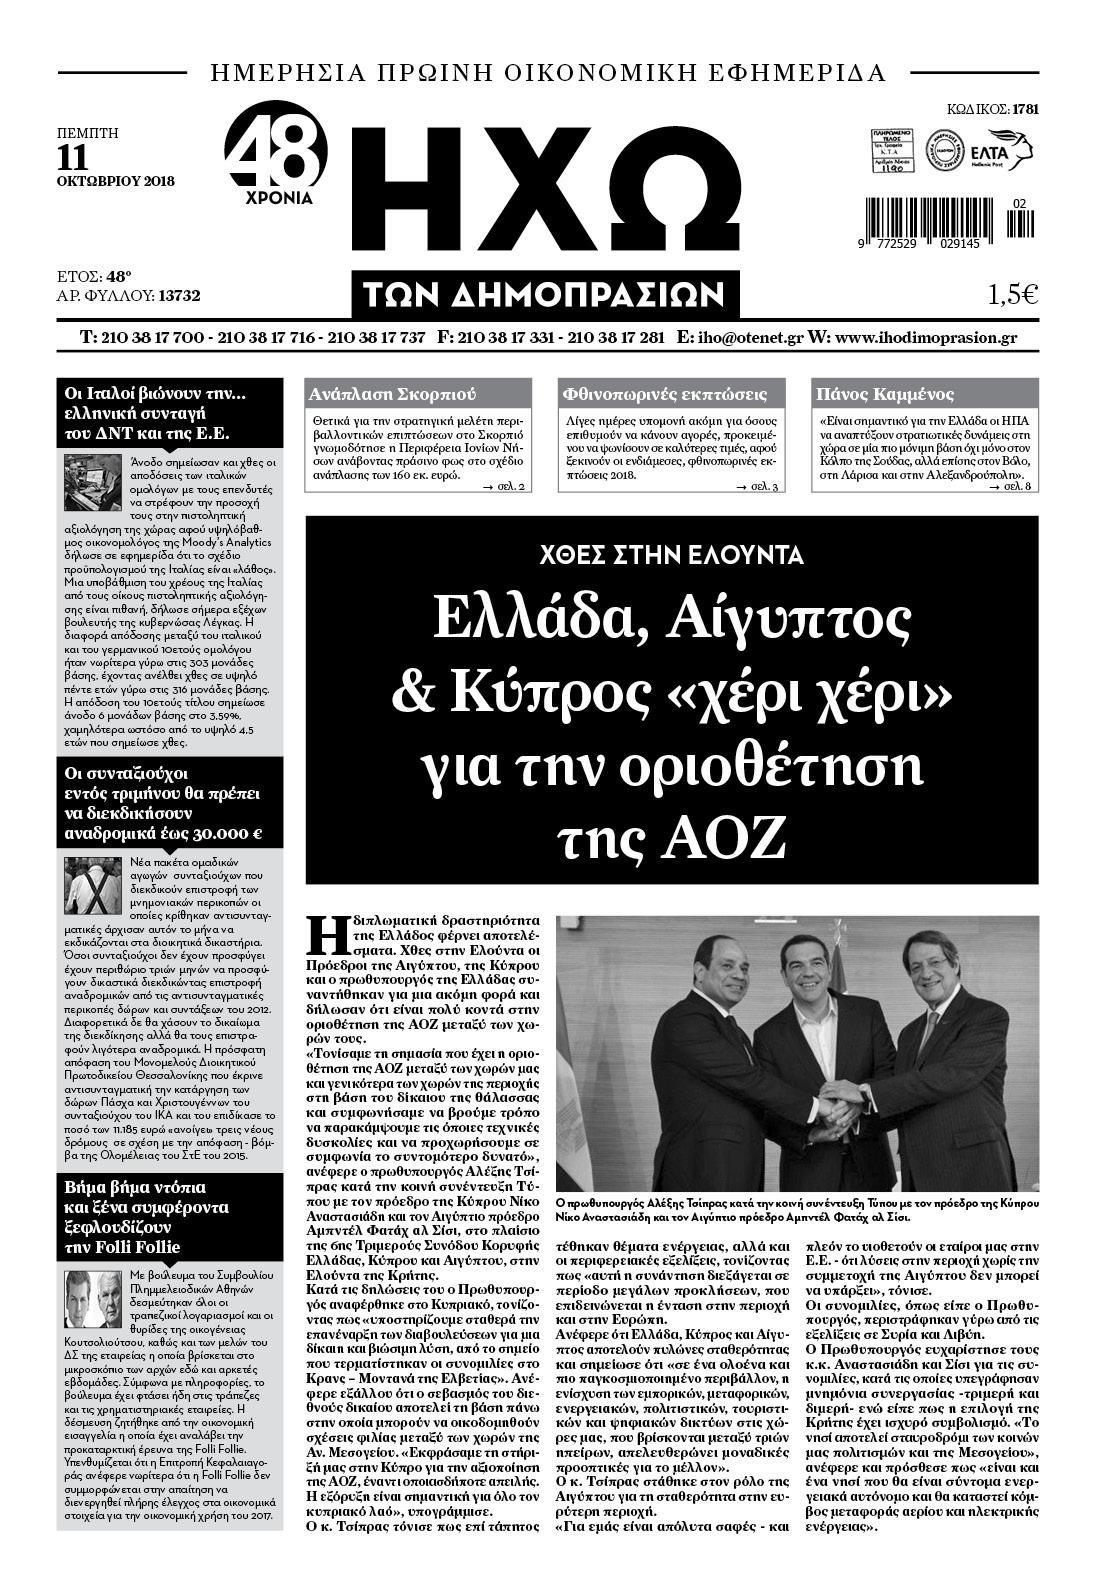 Πρωτοσέλιδο εφημερίδας ������